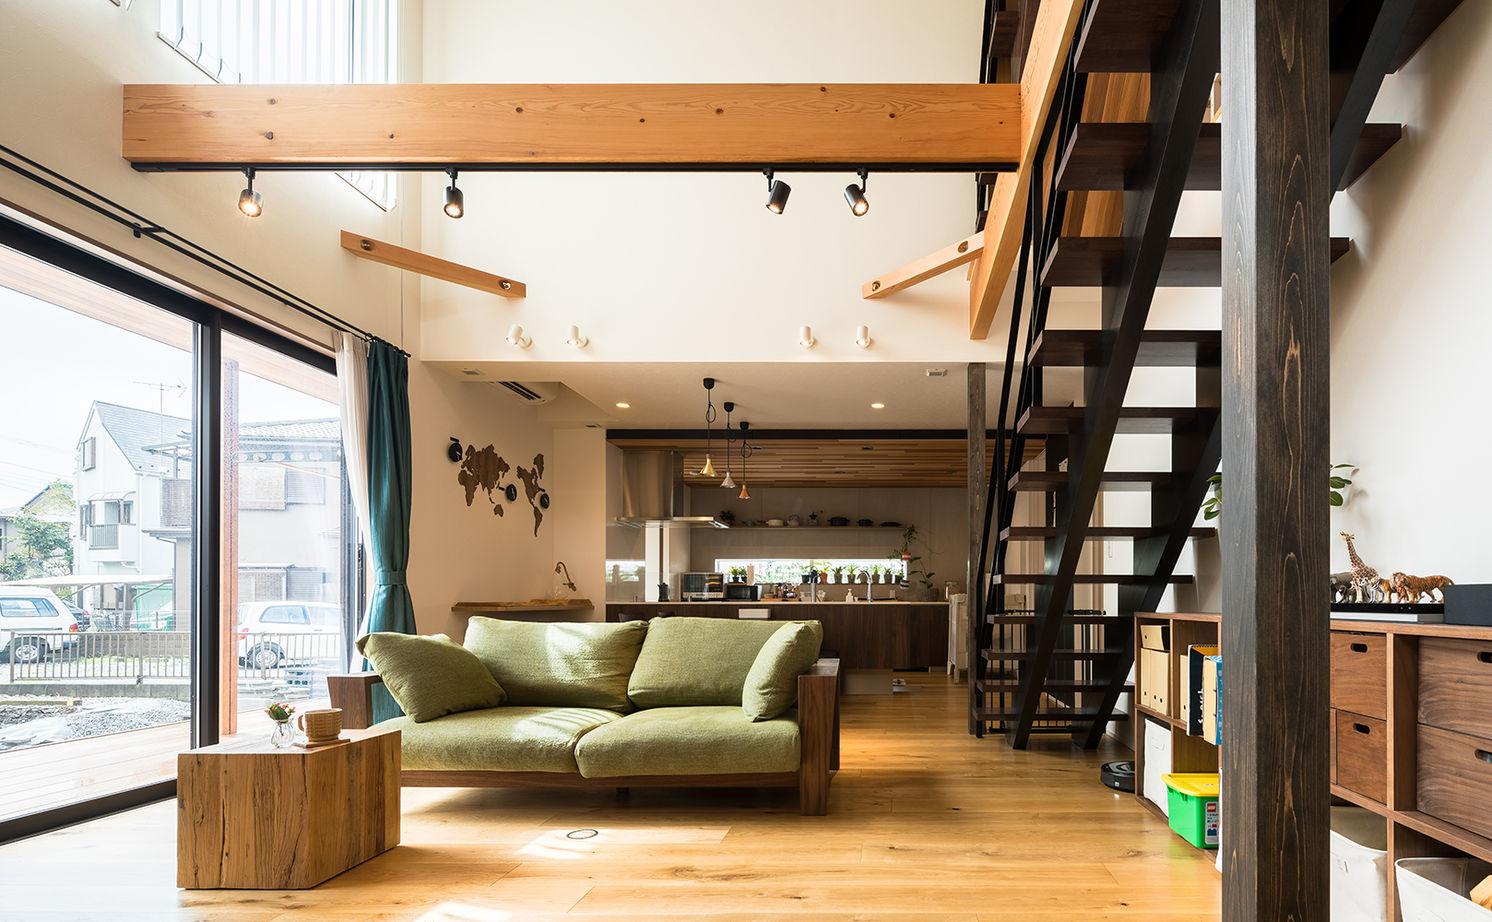 驚くほど開放的なのに「ソーラーサーキット工法」で家の中の隅々まで快適!暮らしを楽しむ遊び心も満載画像1